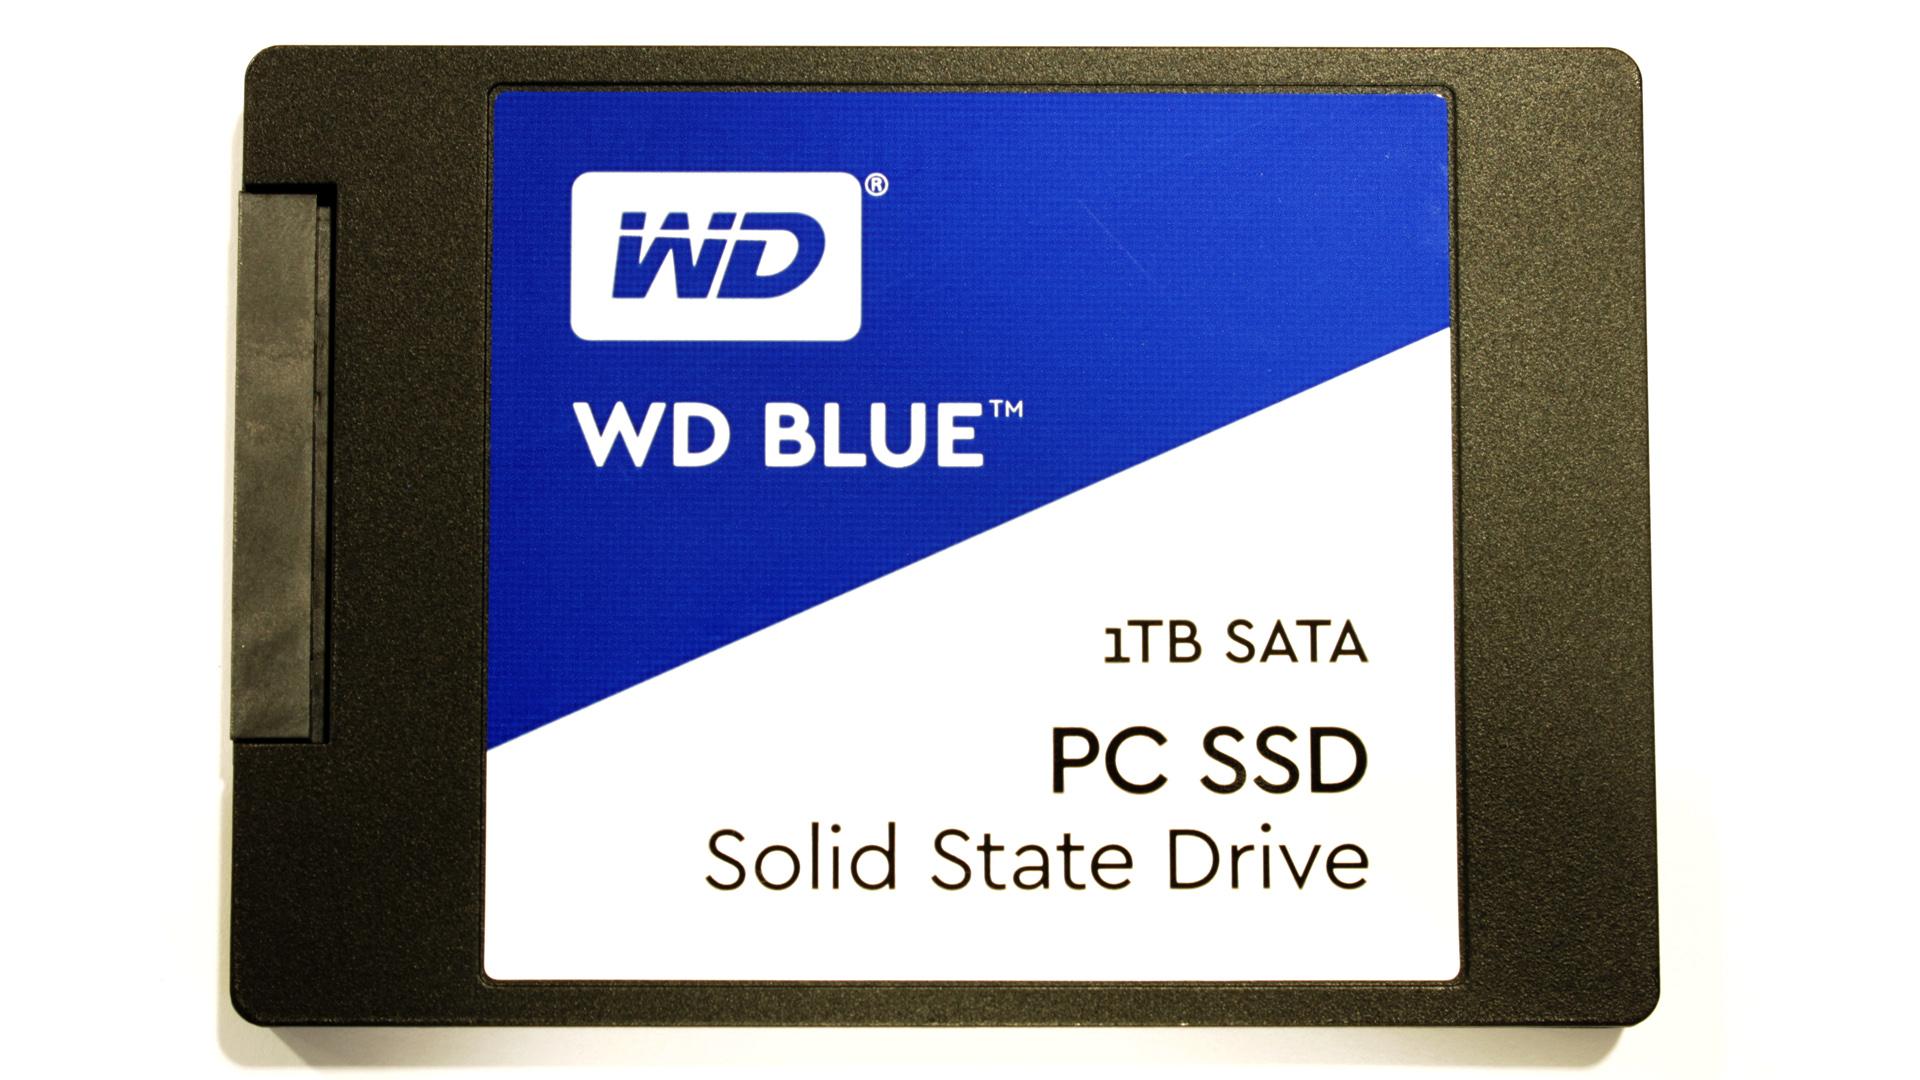 wd_blue_ssd1